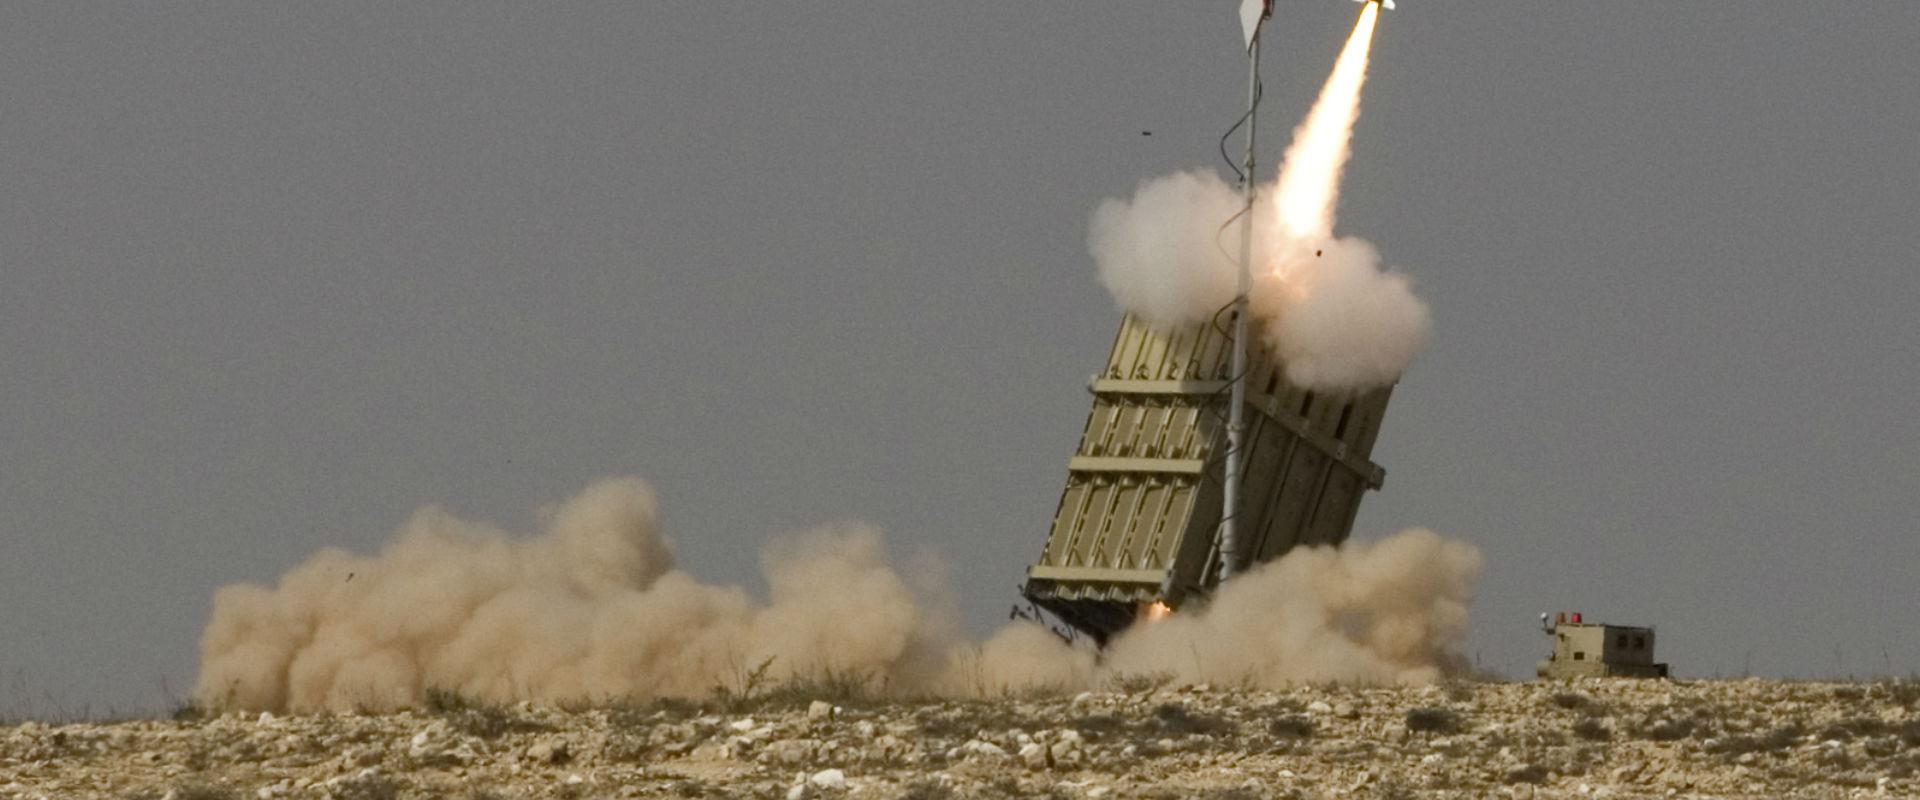 חמושים מארגון הג'יהאד האיסלאמי הפלסטיני בעזה